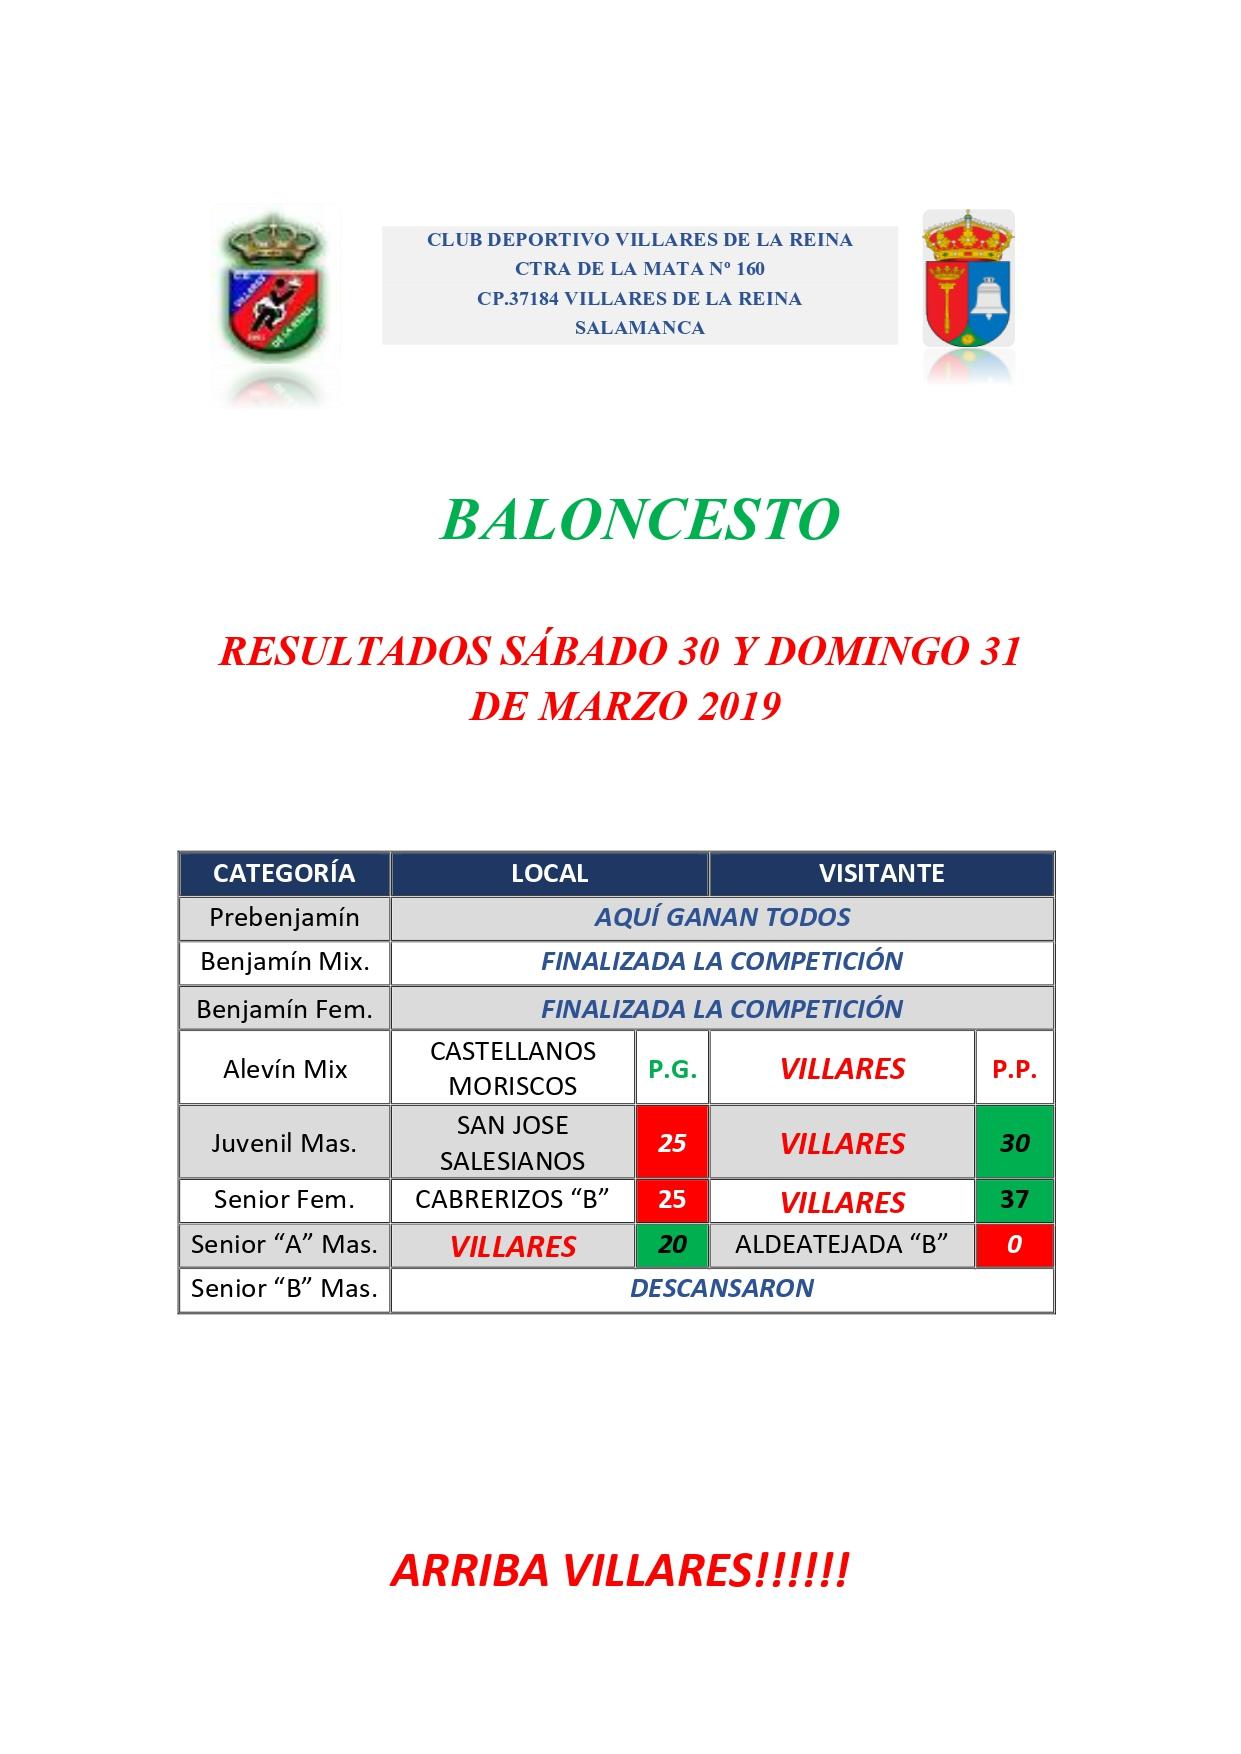 RESULTADOS DE BALONCESTO S�BADO 30 Y DOMINGO 31 DE MARZO 2019